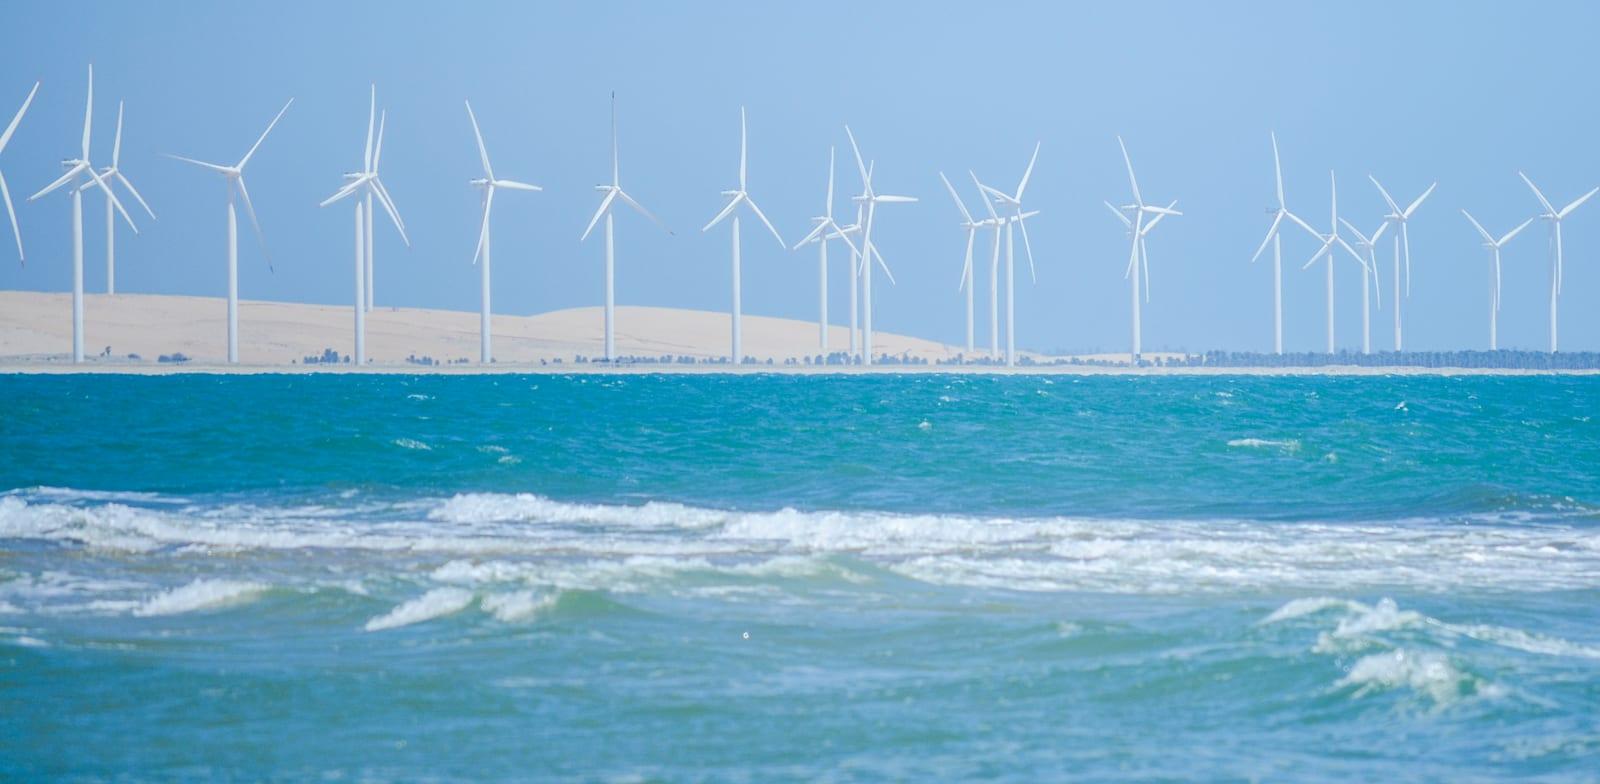 טורבינות רוח / צילום: Shutterstock, windwalk